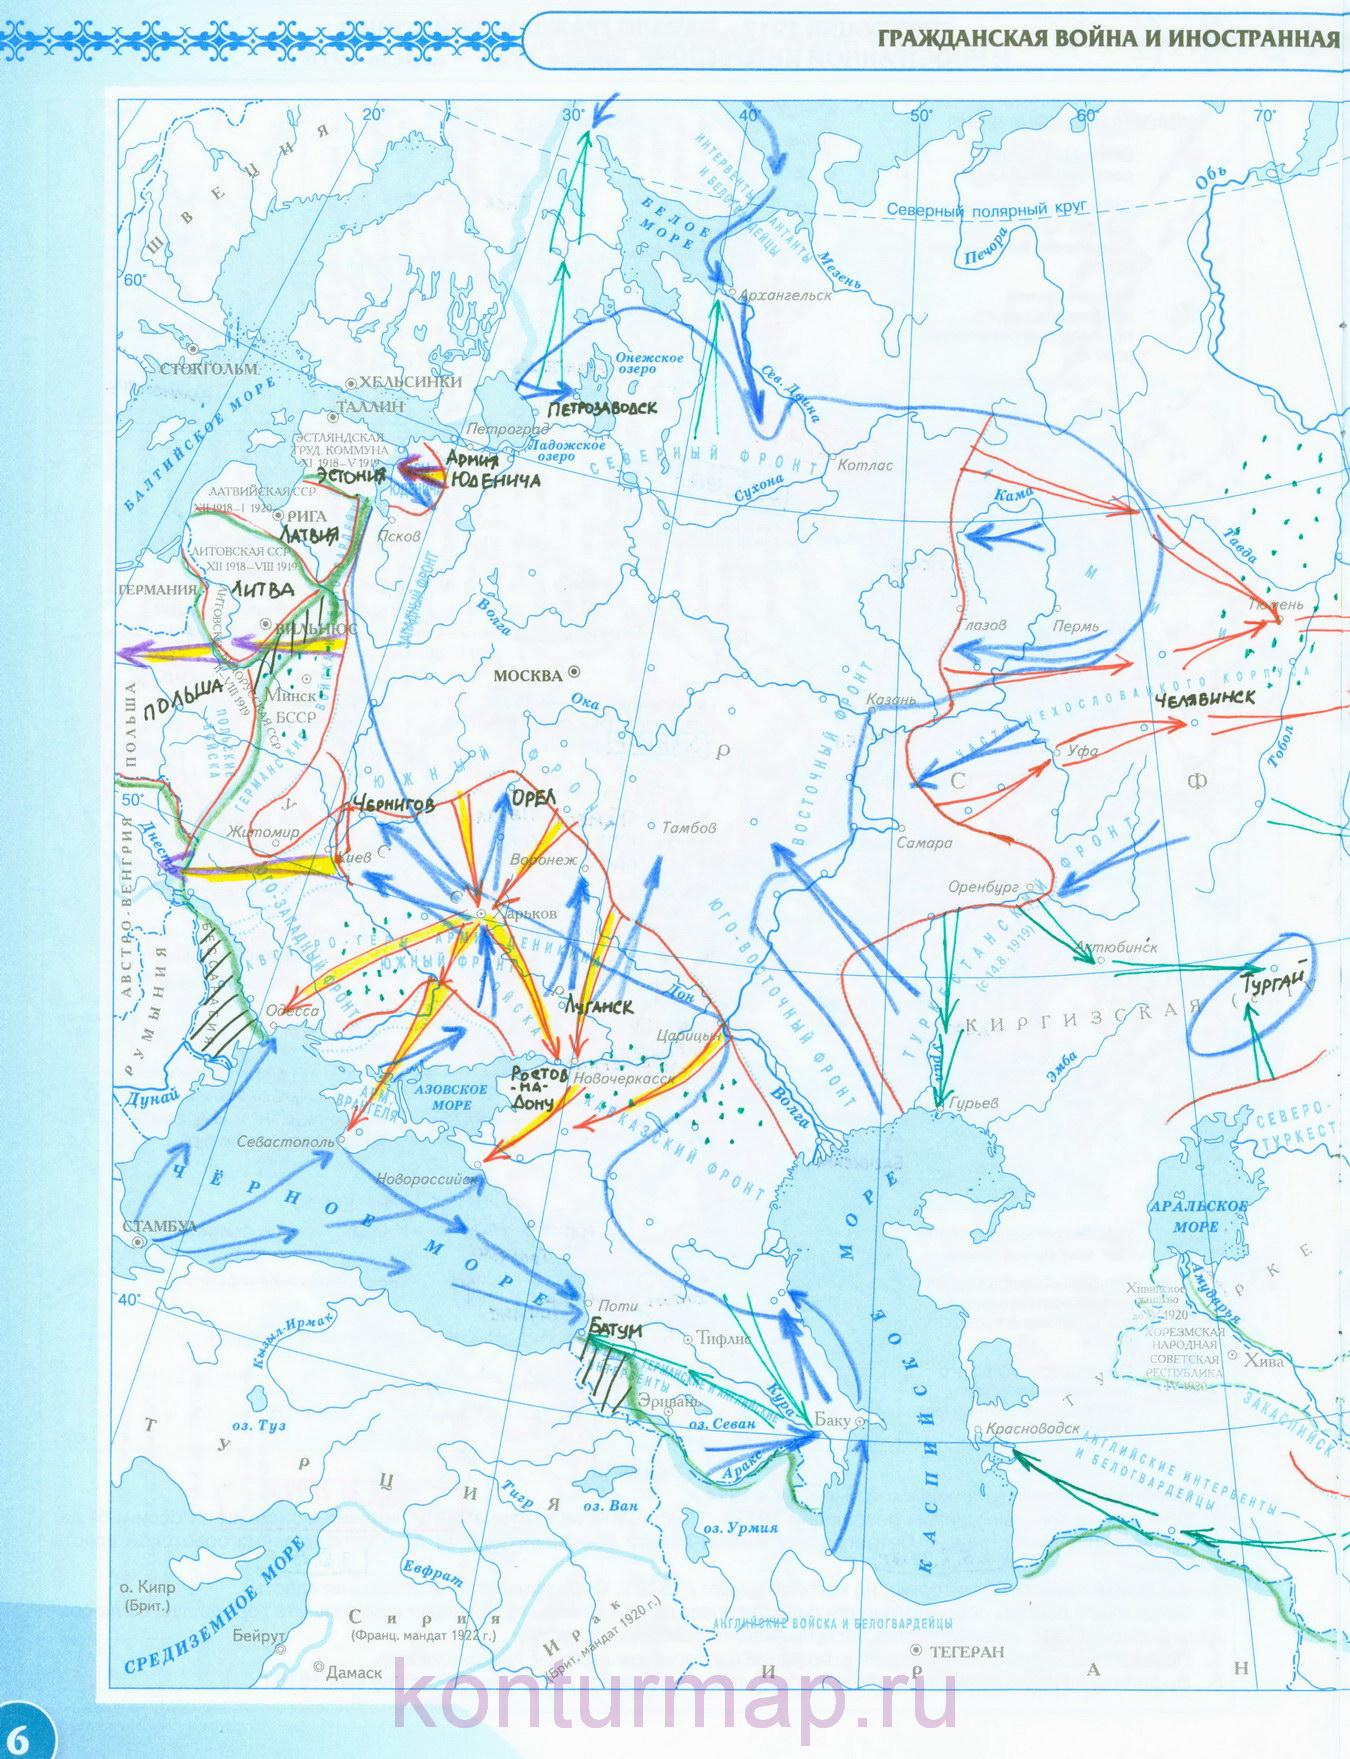 гдз по истории россии 7 класс контурные карты дрофа дик